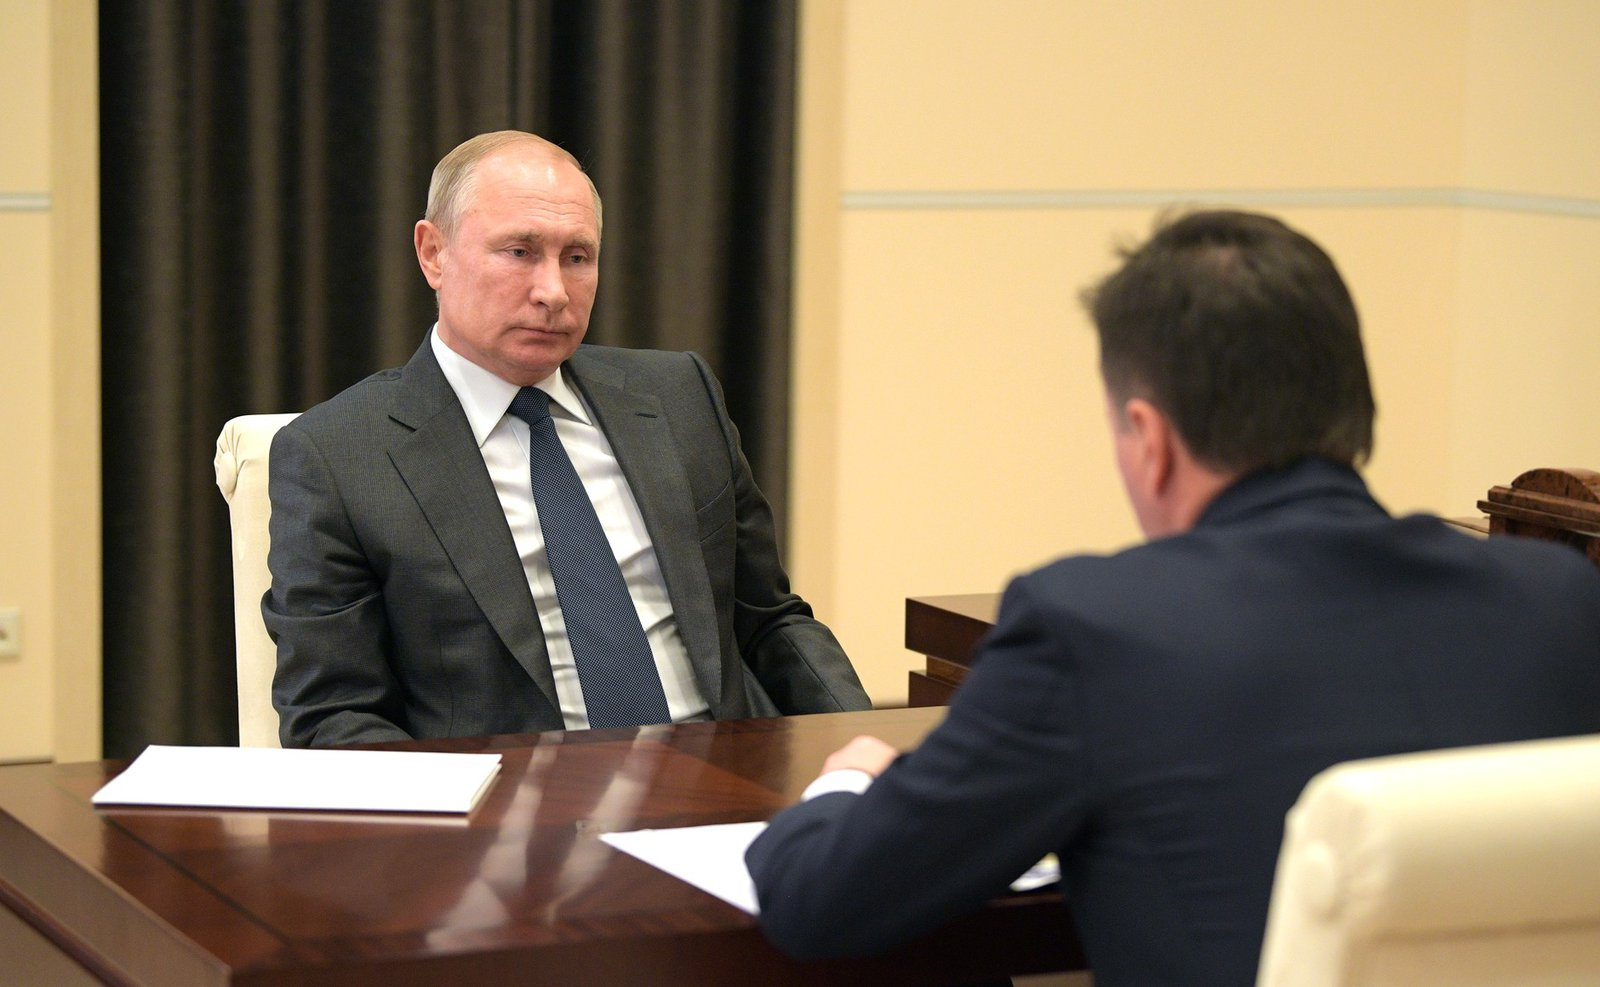 Андрей Воробьев губернатор московской области - Строительство, инвестиции, образование: ключевые вопросы области обсудили с Президентом